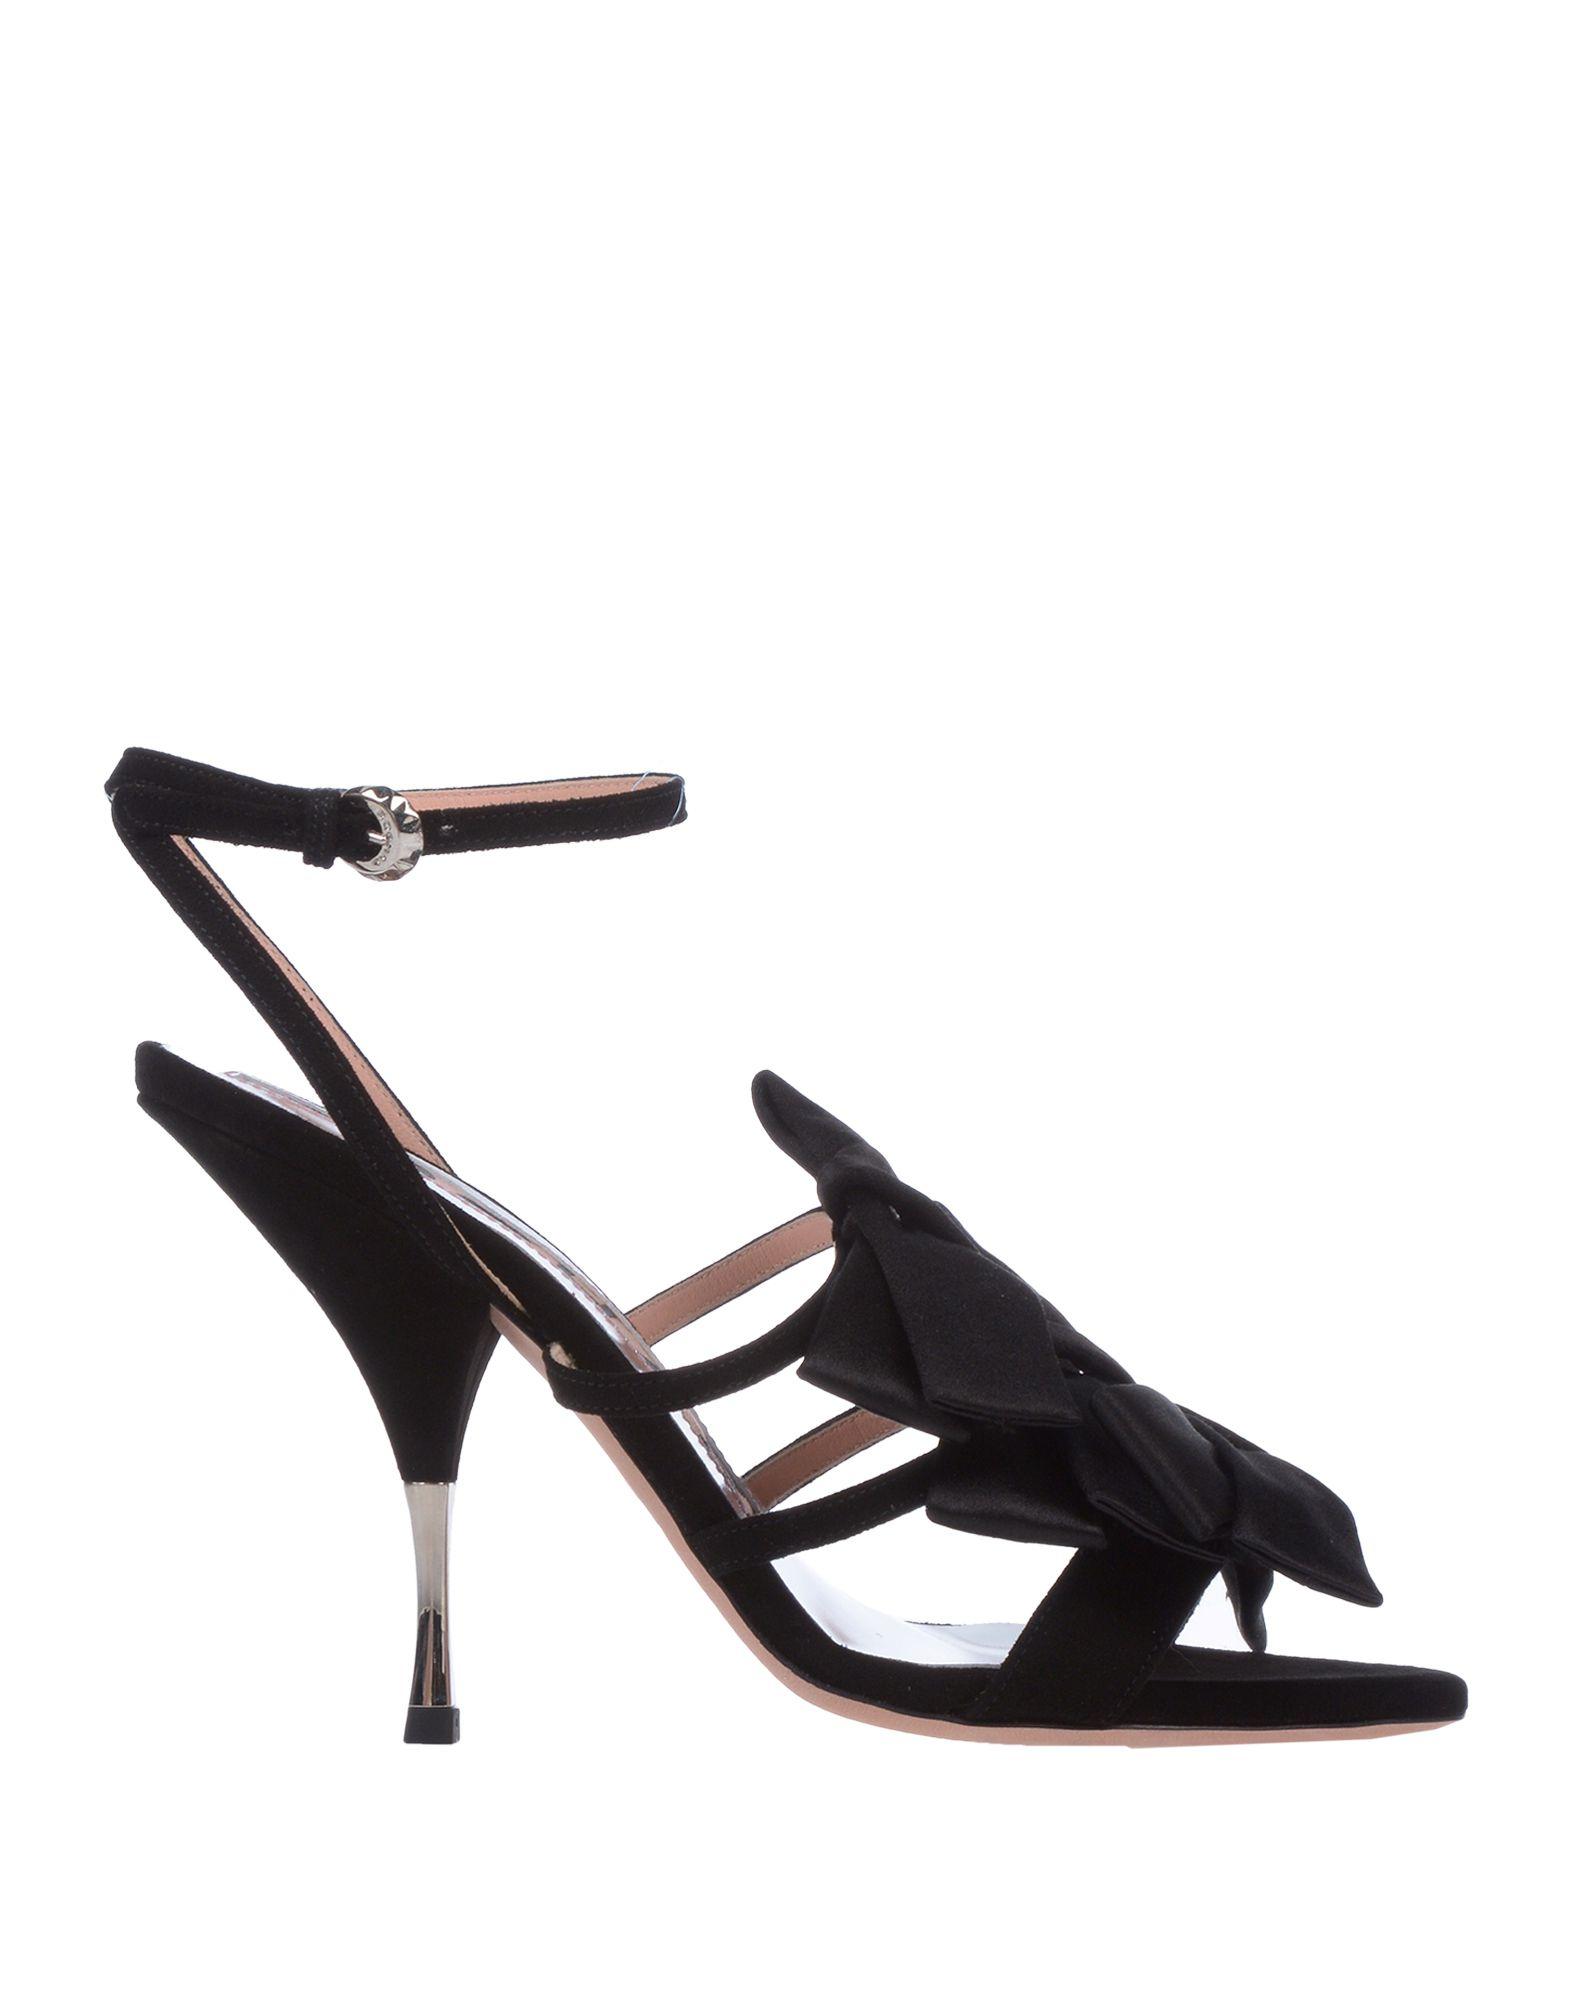 fc6f5684d6446 Buy shoes for women - Best women's shoes shop - Cools.com